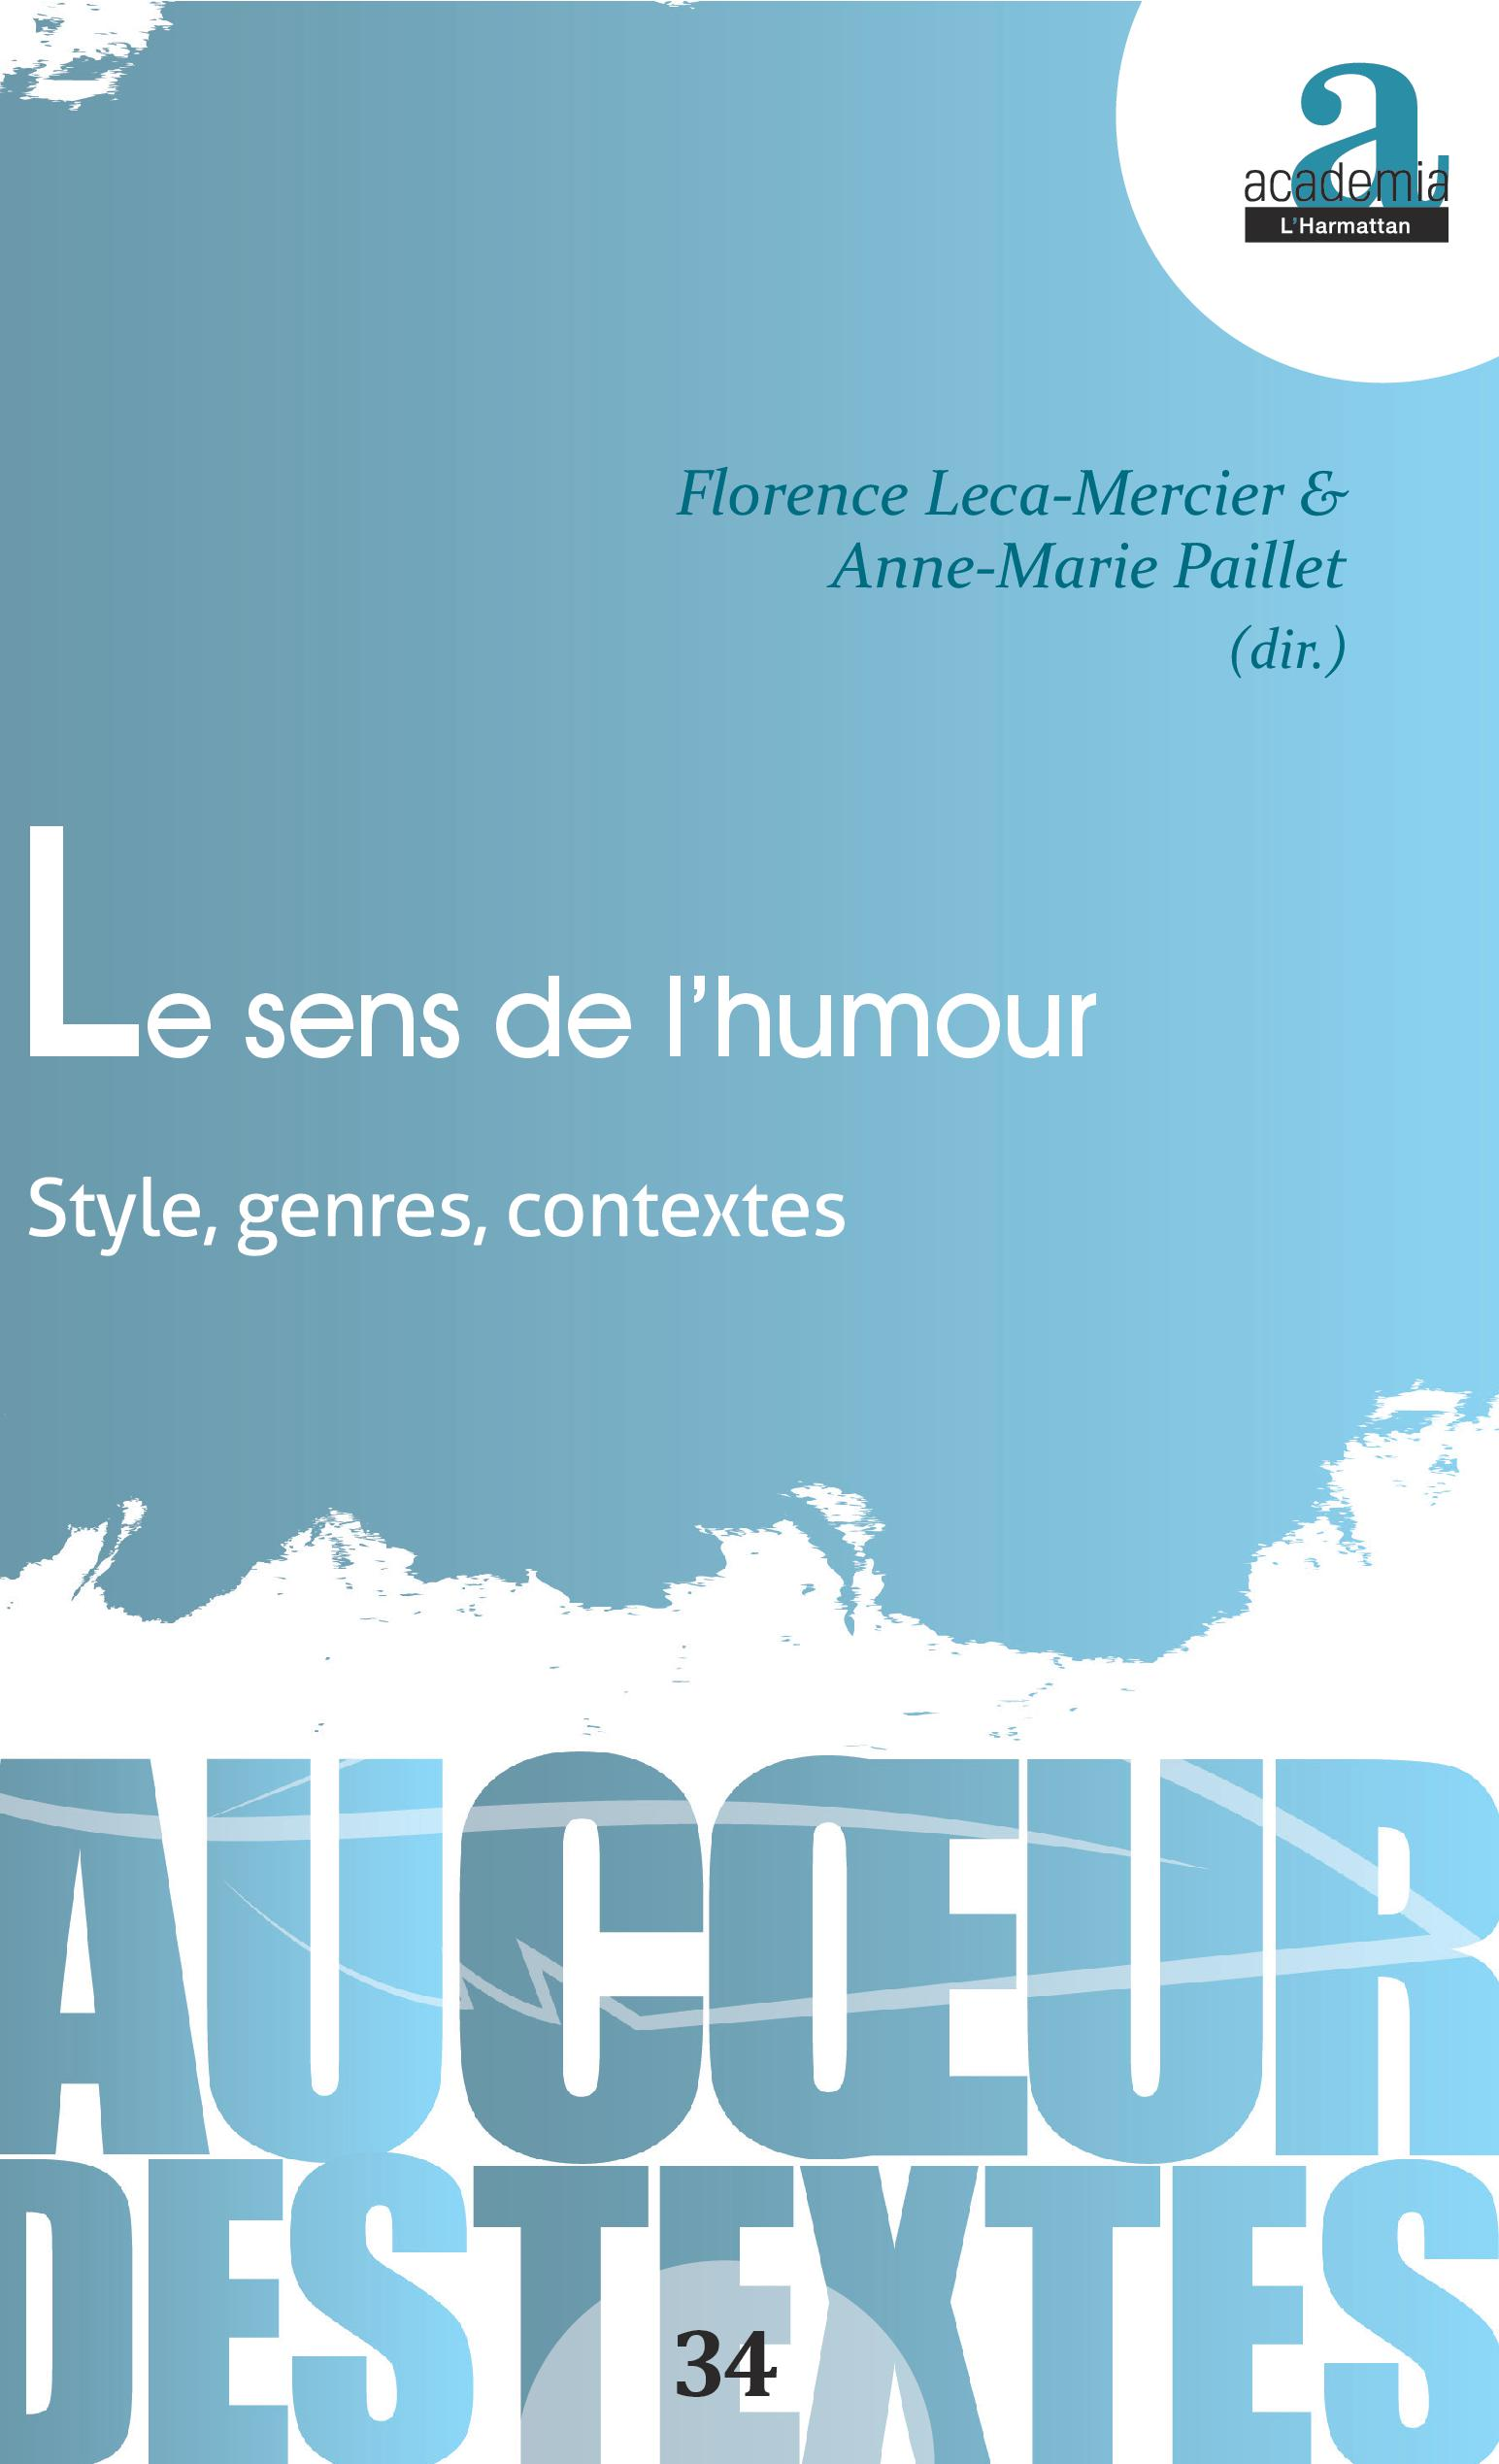 A.-M. Paillet, F. Leca Mercier (dir.), Le sens de l'humour